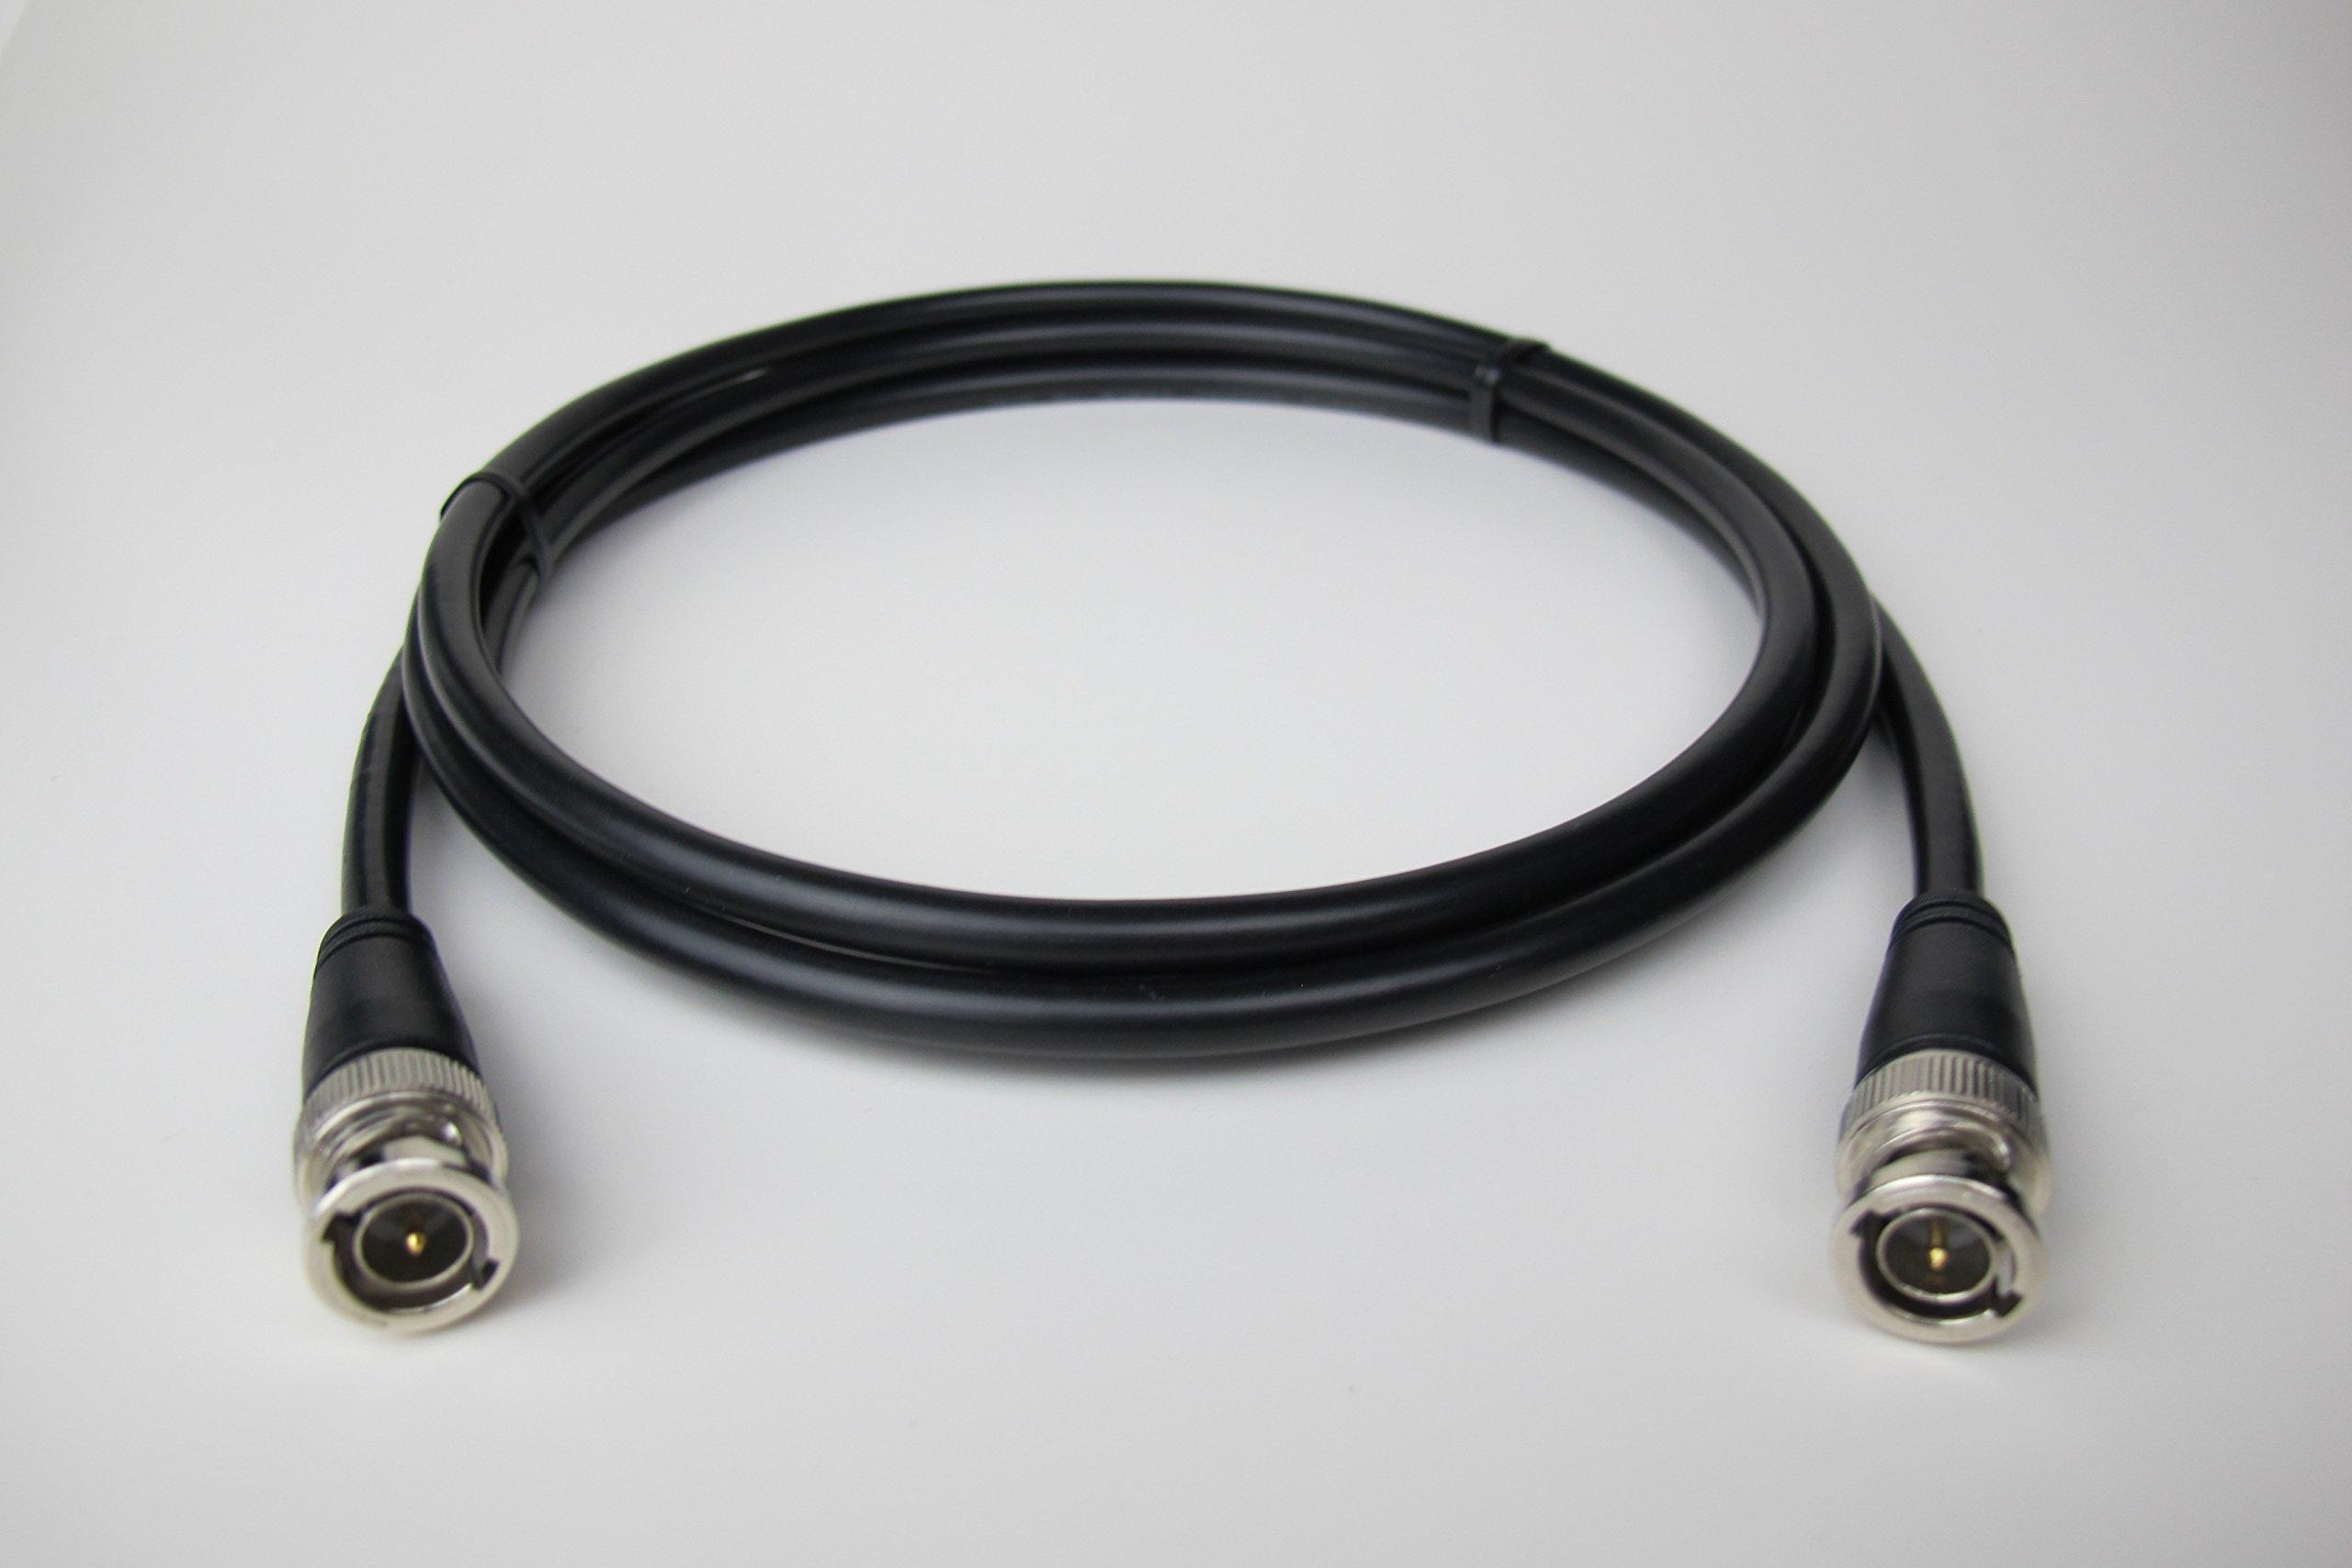 CoaXPress CXP-6 SDI Framegrabber Machine Vision Industrial Camera Cables BNC - BNC 5.0m